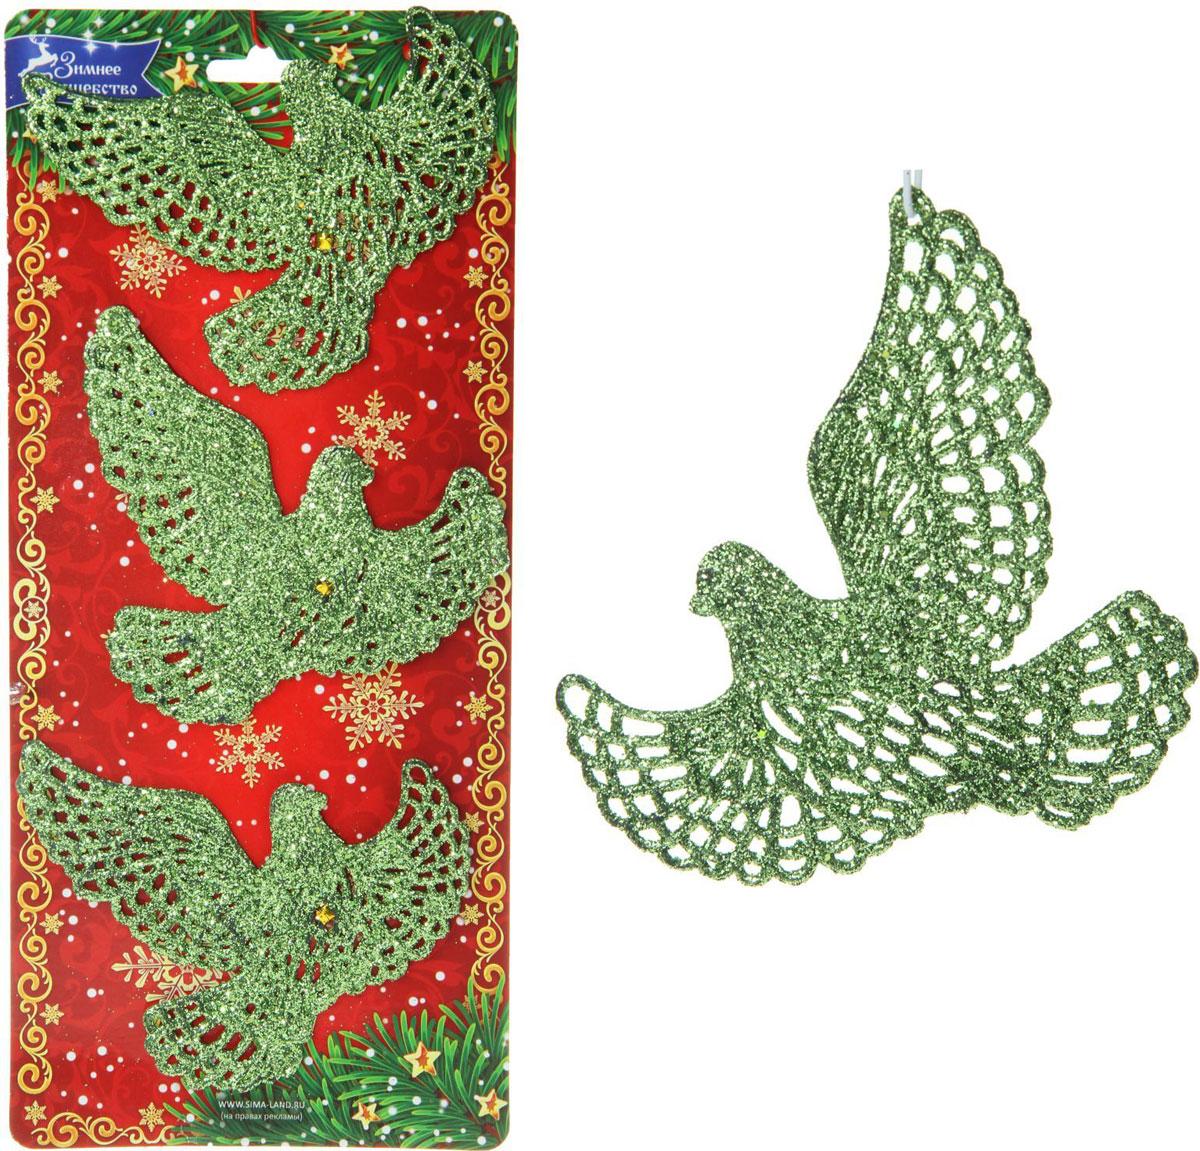 Новогоднее подвесное украшение Sima-land Птицы, 11 х 7,5 см, 3 шт кармашки на стену для бани sima land банные мелочи цвет белый 3 шт